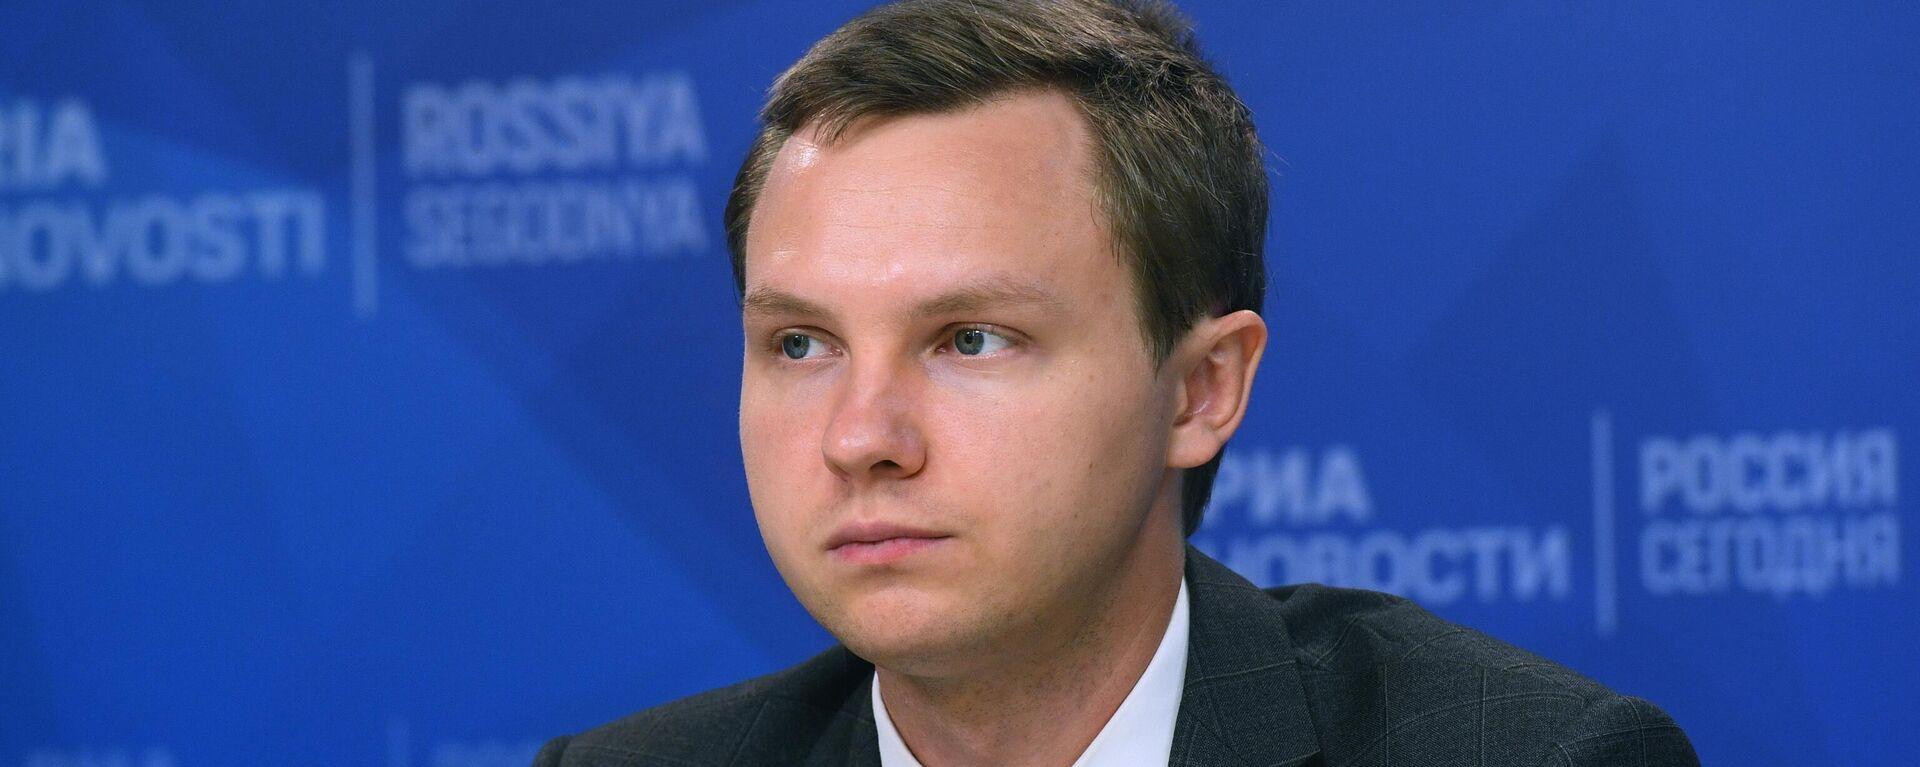 Юшков: как Европа хотела обвести РФ вокруг пальца и с чем теперь войдет в зиму - Sputnik Латвия, 1920, 08.10.2021